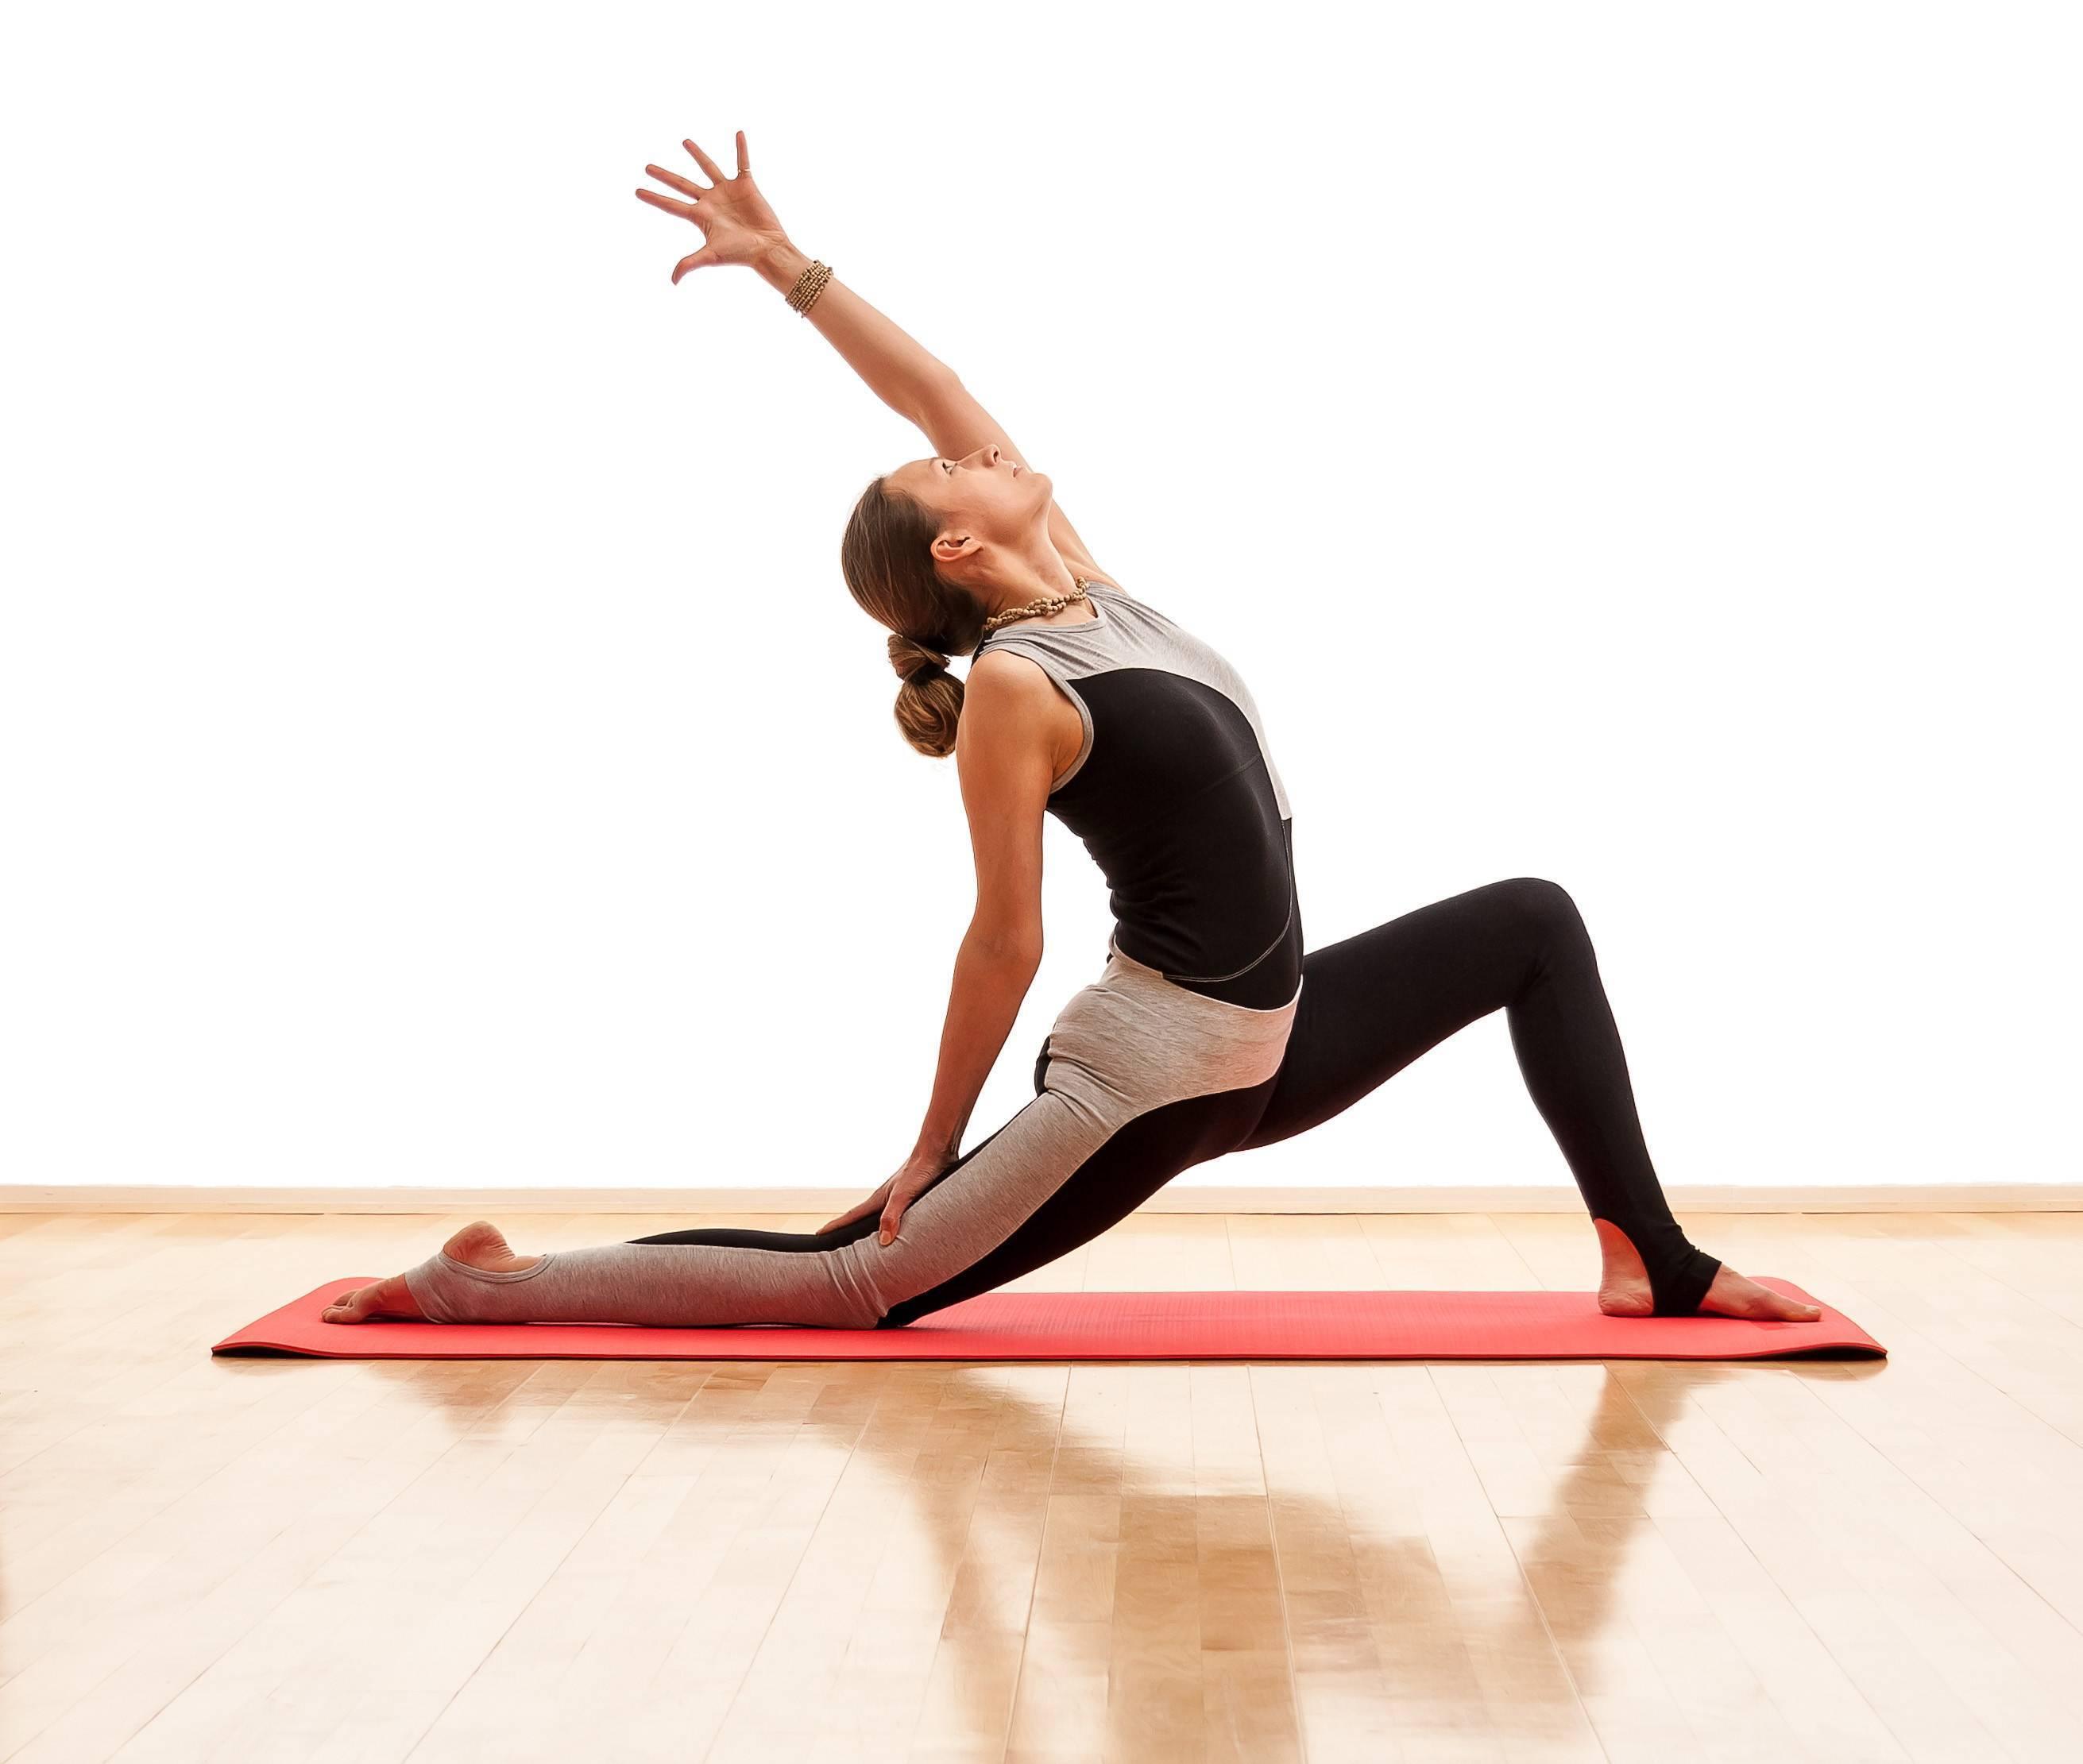 Йоги практикуют годами, чтобы освоить эту асану: сложнейшая поза скорпиона или вришчикасана